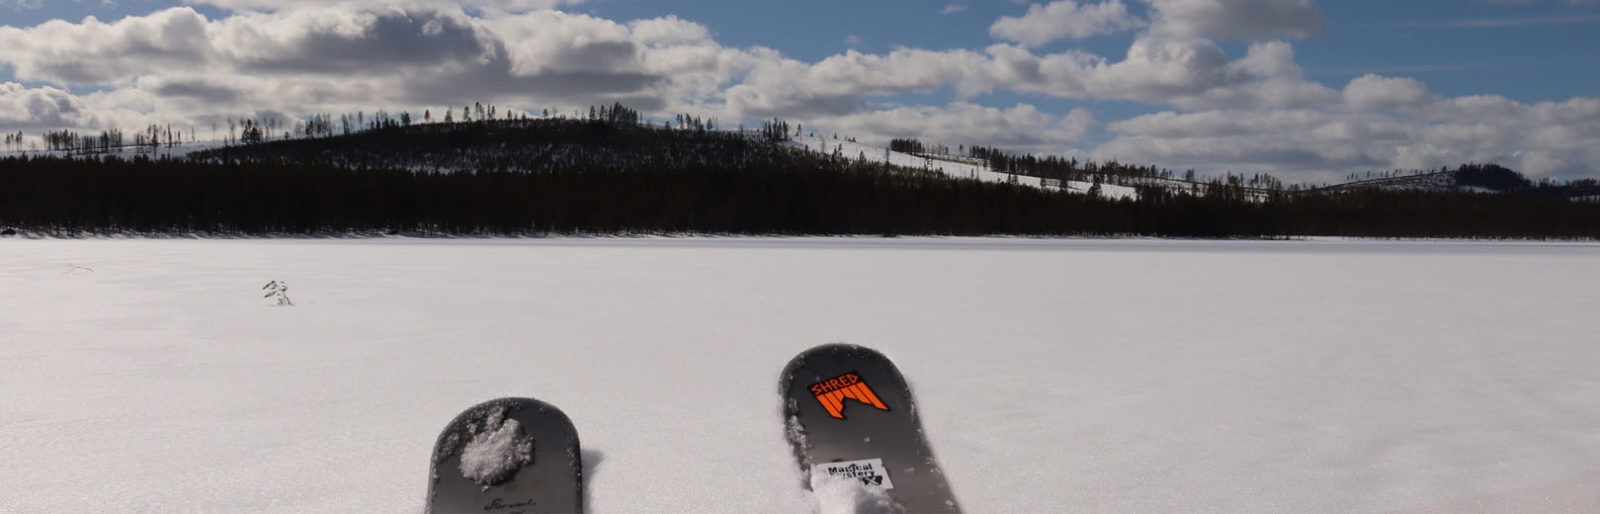 Séjour en ski raquette, immersion en pleine nature et liberté d'evasion en laponie suédoise